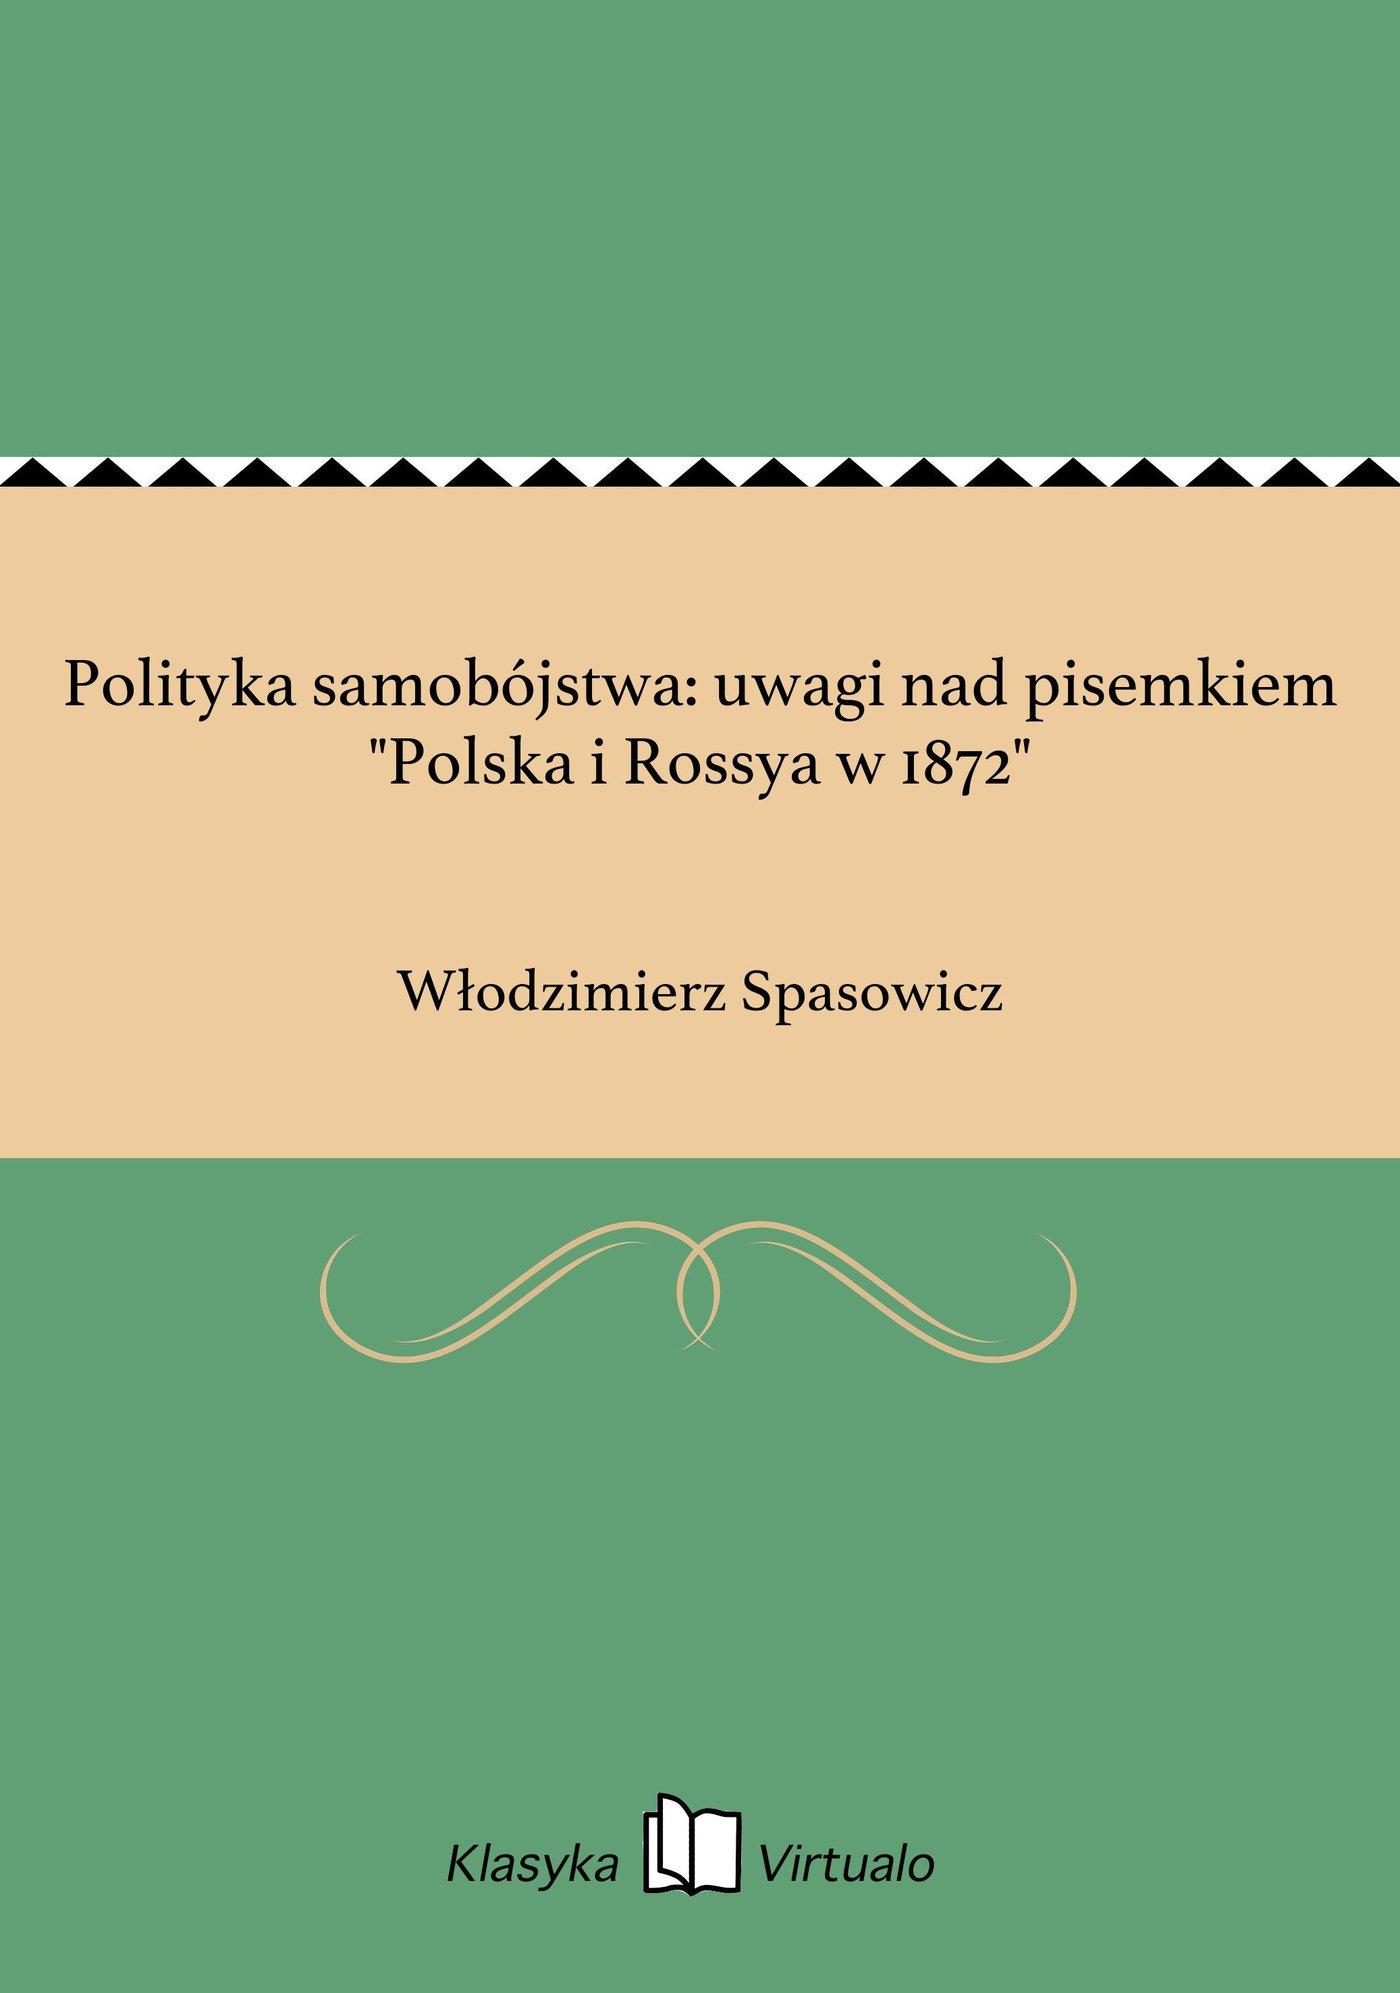 """Polityka samobójstwa: uwagi nad pisemkiem """"Polska i Rossya w 1872"""" - Ebook (Książka EPUB) do pobrania w formacie EPUB"""